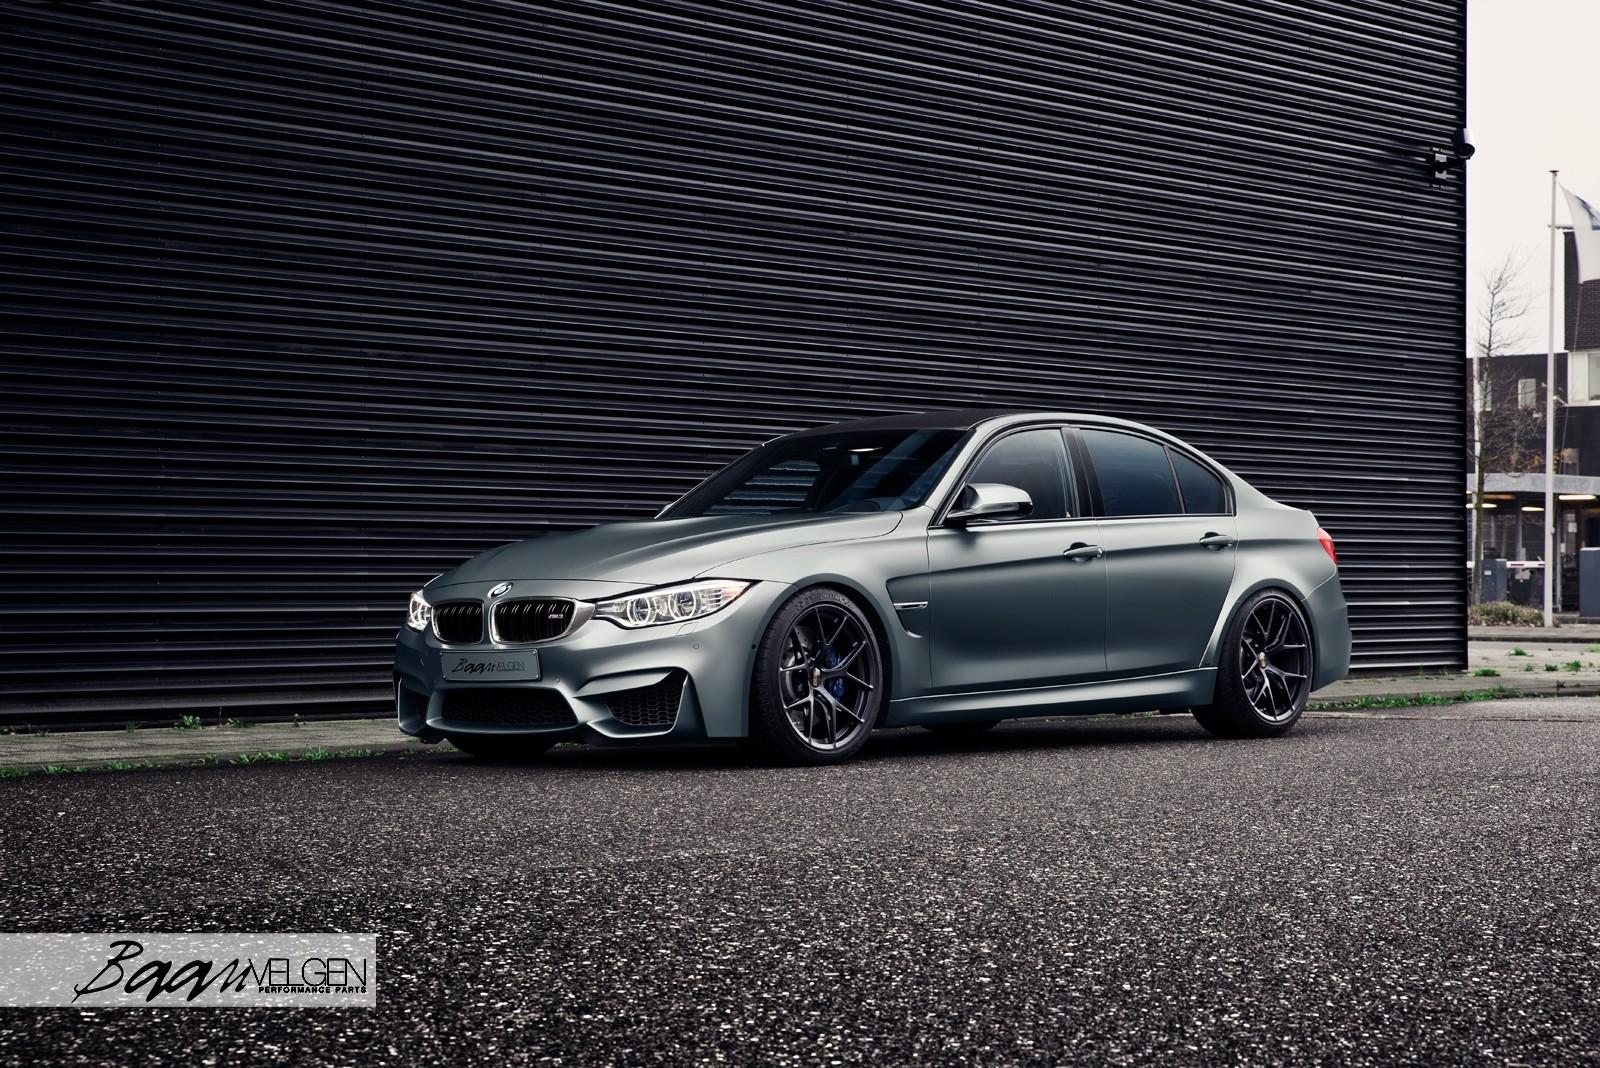 F80 BMW M3 by Baan Velgen (1)